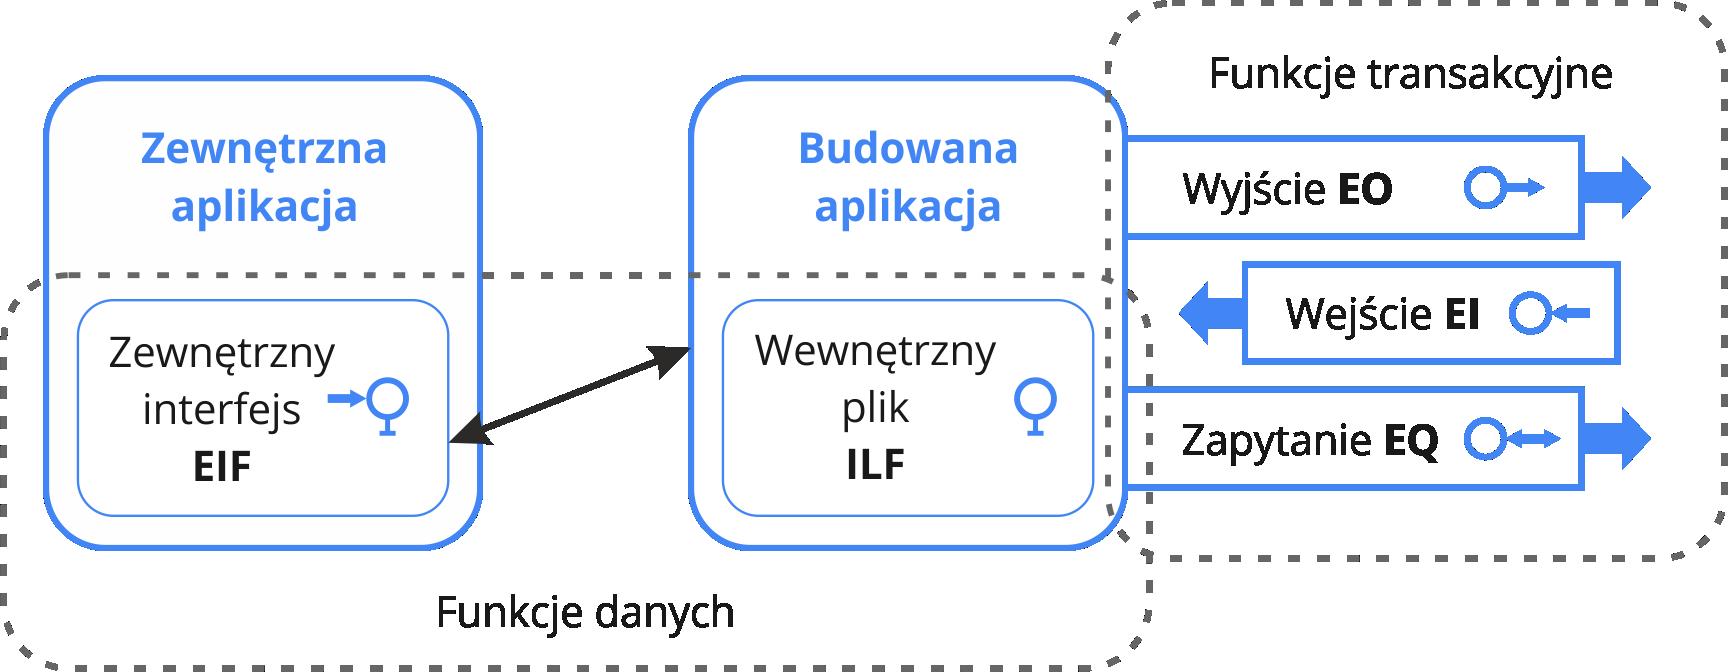 Główne założenia metodyki IFPUG